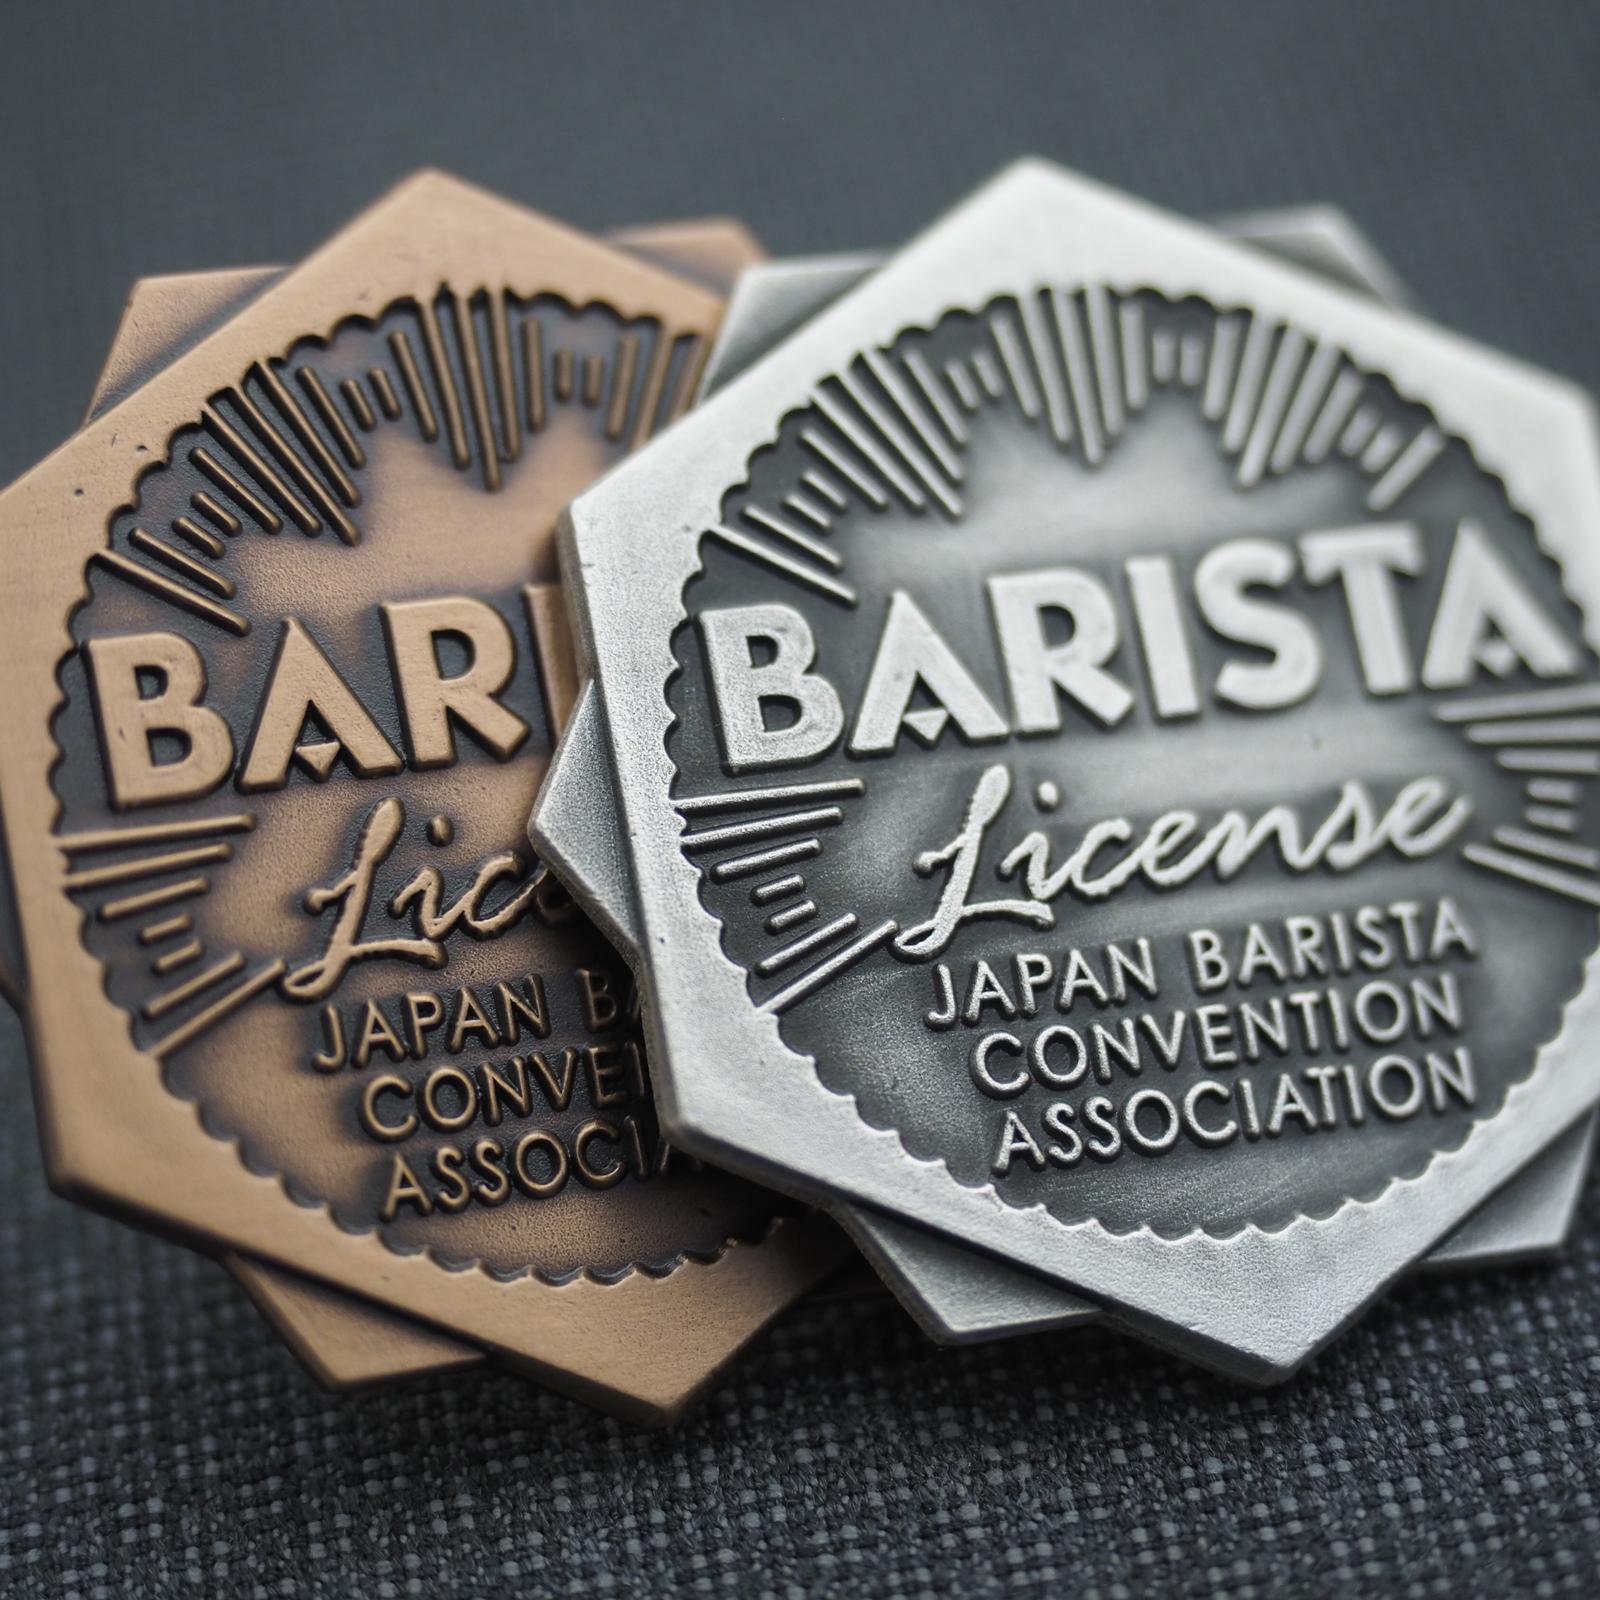 バリスタ ライセンスバッジ 認証バッジ 承認バッジ 協会バッジ 燻メッキ 伝統 側面 留め具 プラケース 色の比較